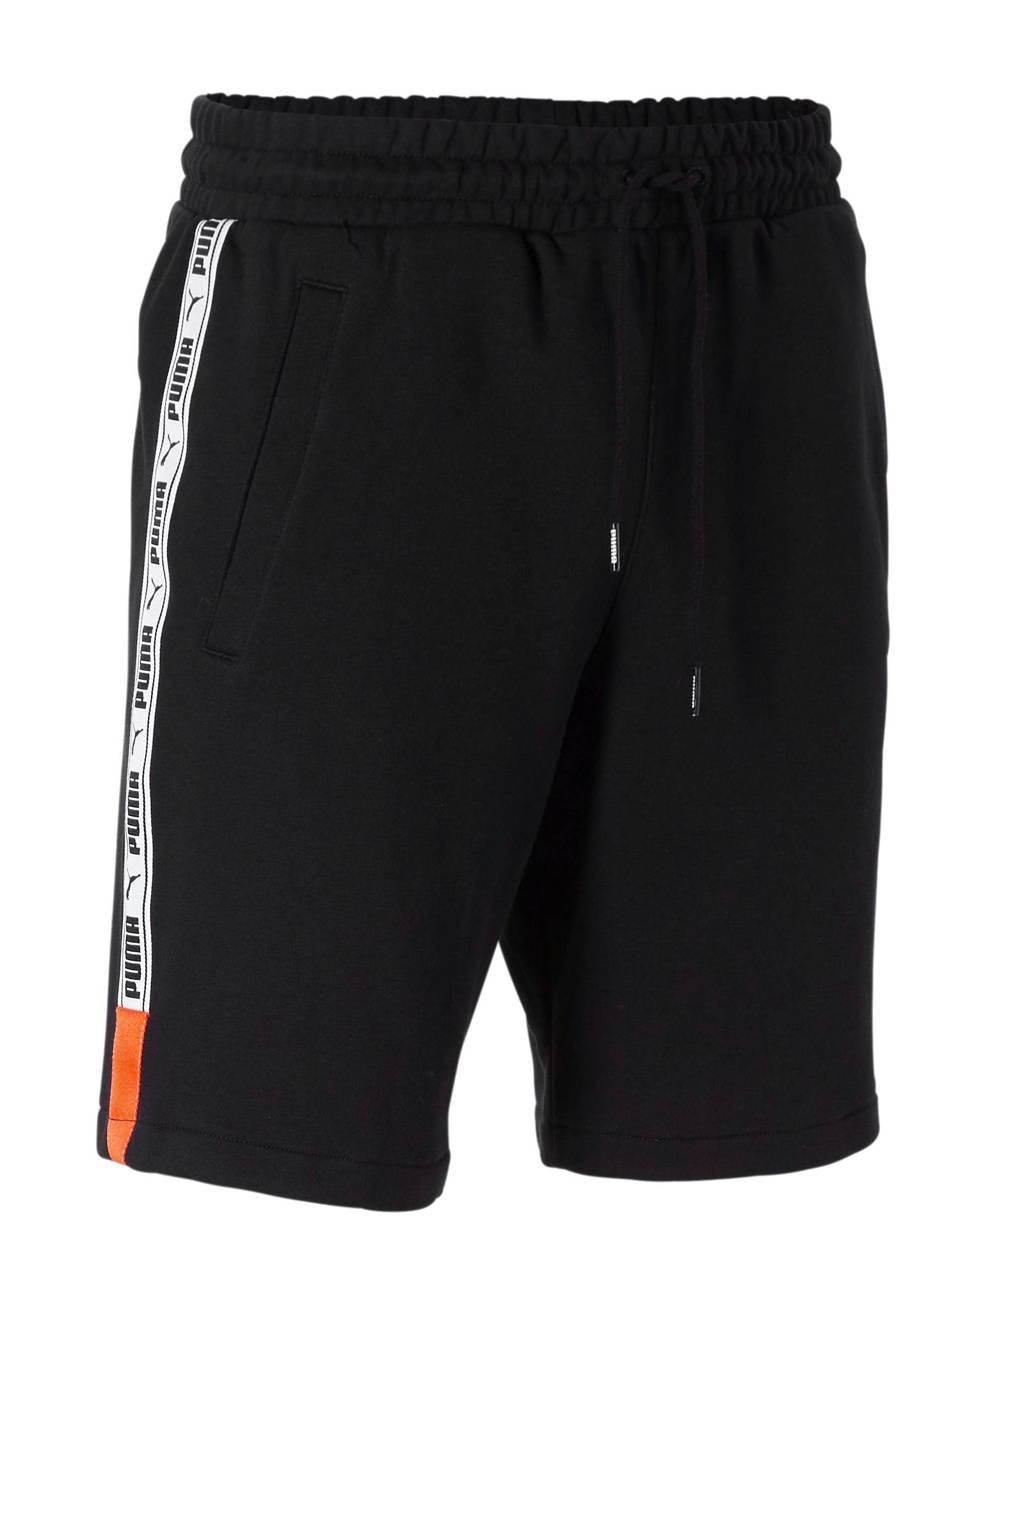 Puma   XTG short met zijstreep zwart, Zwart